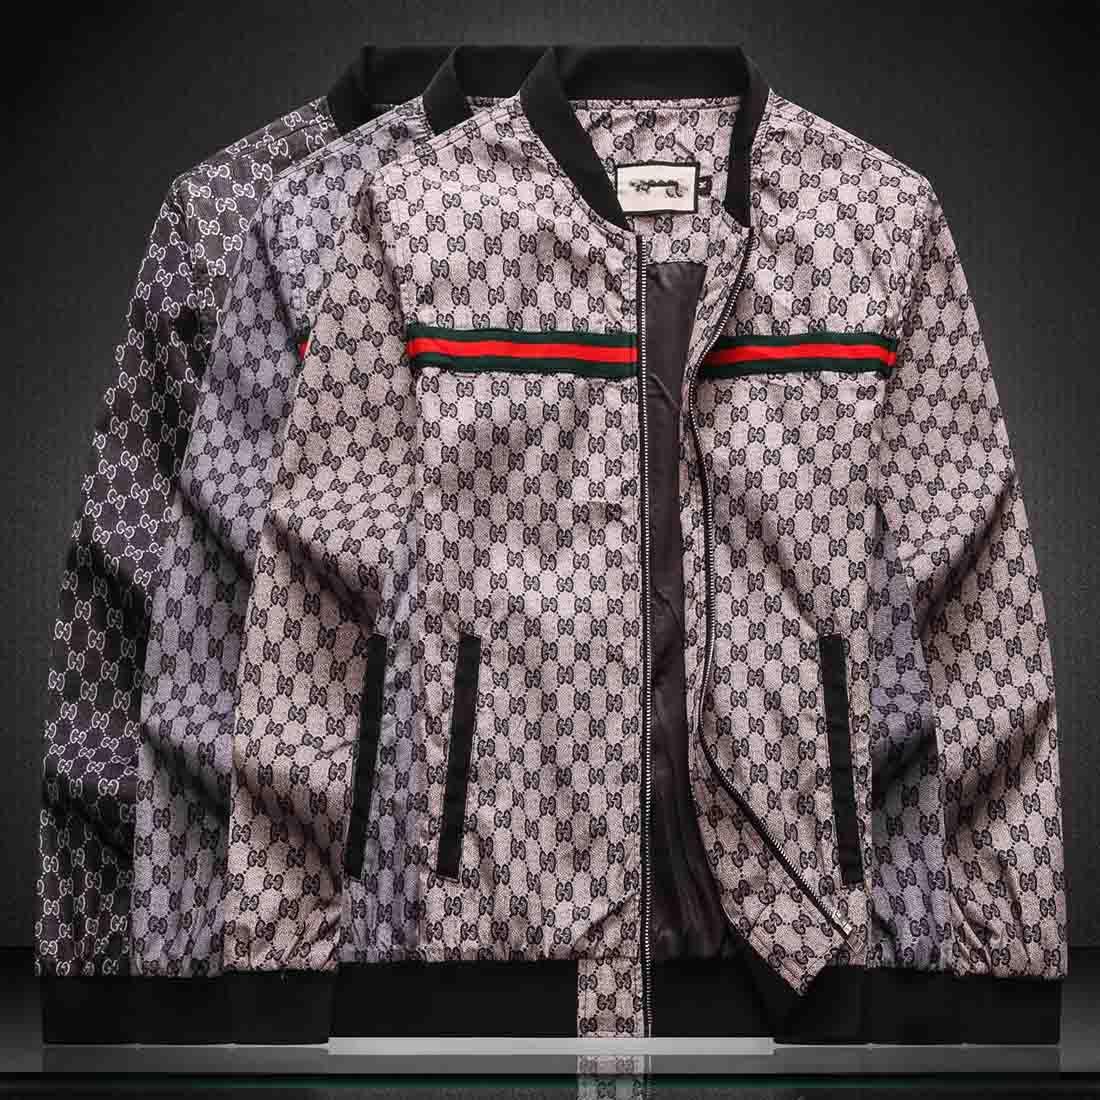 Les nouveaux hommes de conception Kanye West Pablo Denim Jackets Homme Hip Hop ma1 tour Marque veste de luxe Vêtements pour hommes Manteaux hommes